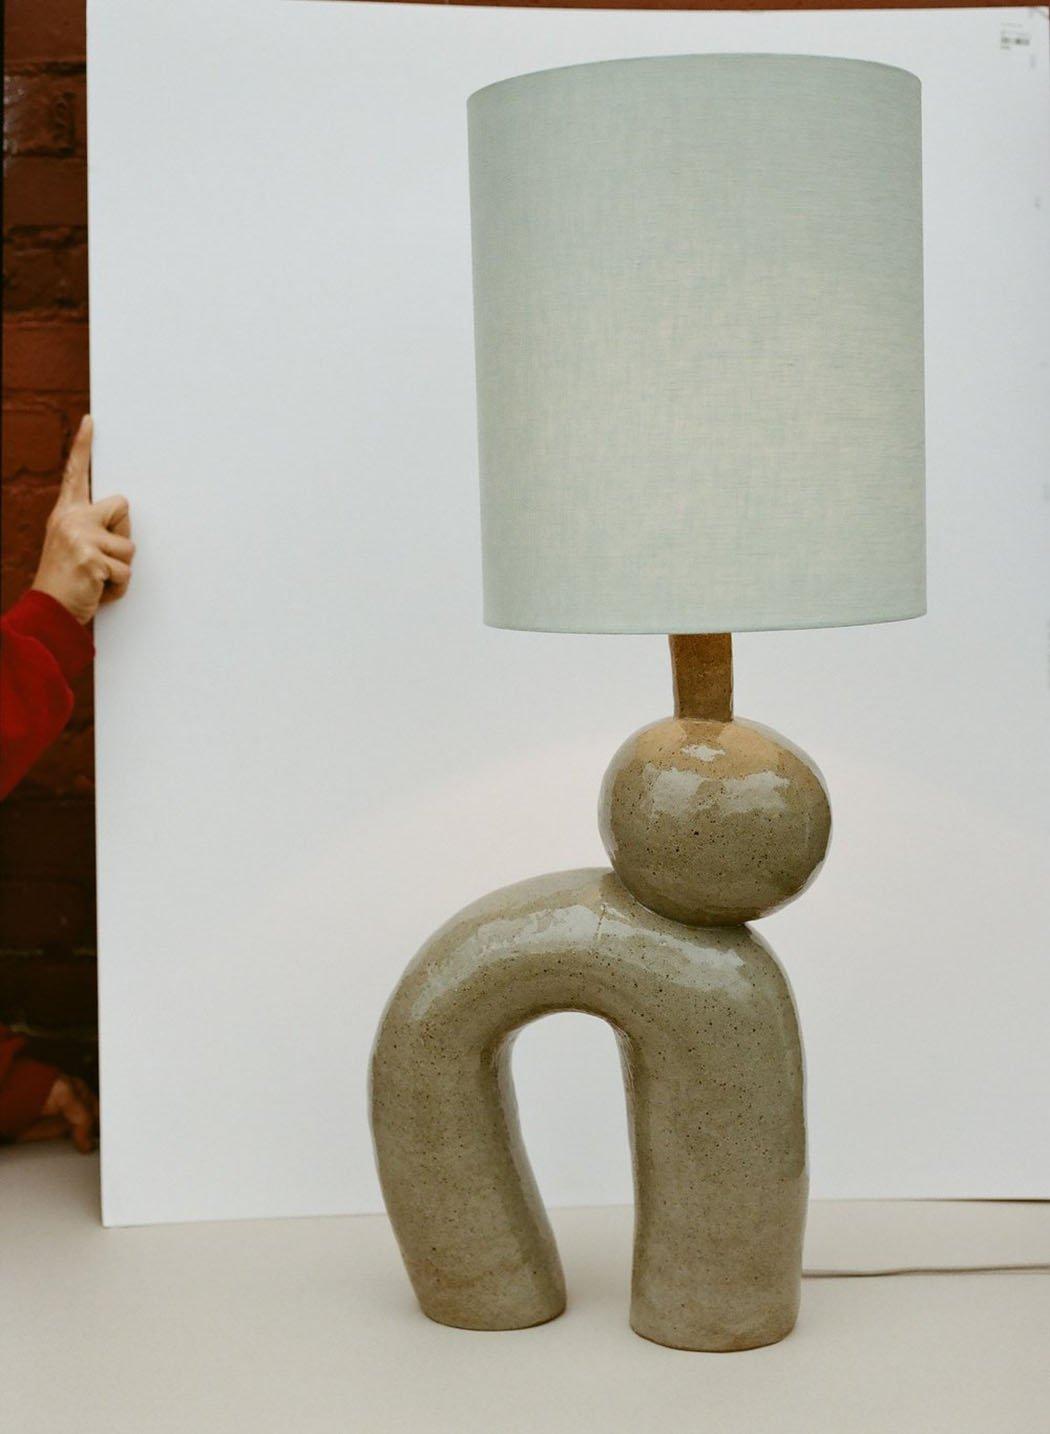 iGNANT_Design_Carmen_DApollonio_Ceramics_3